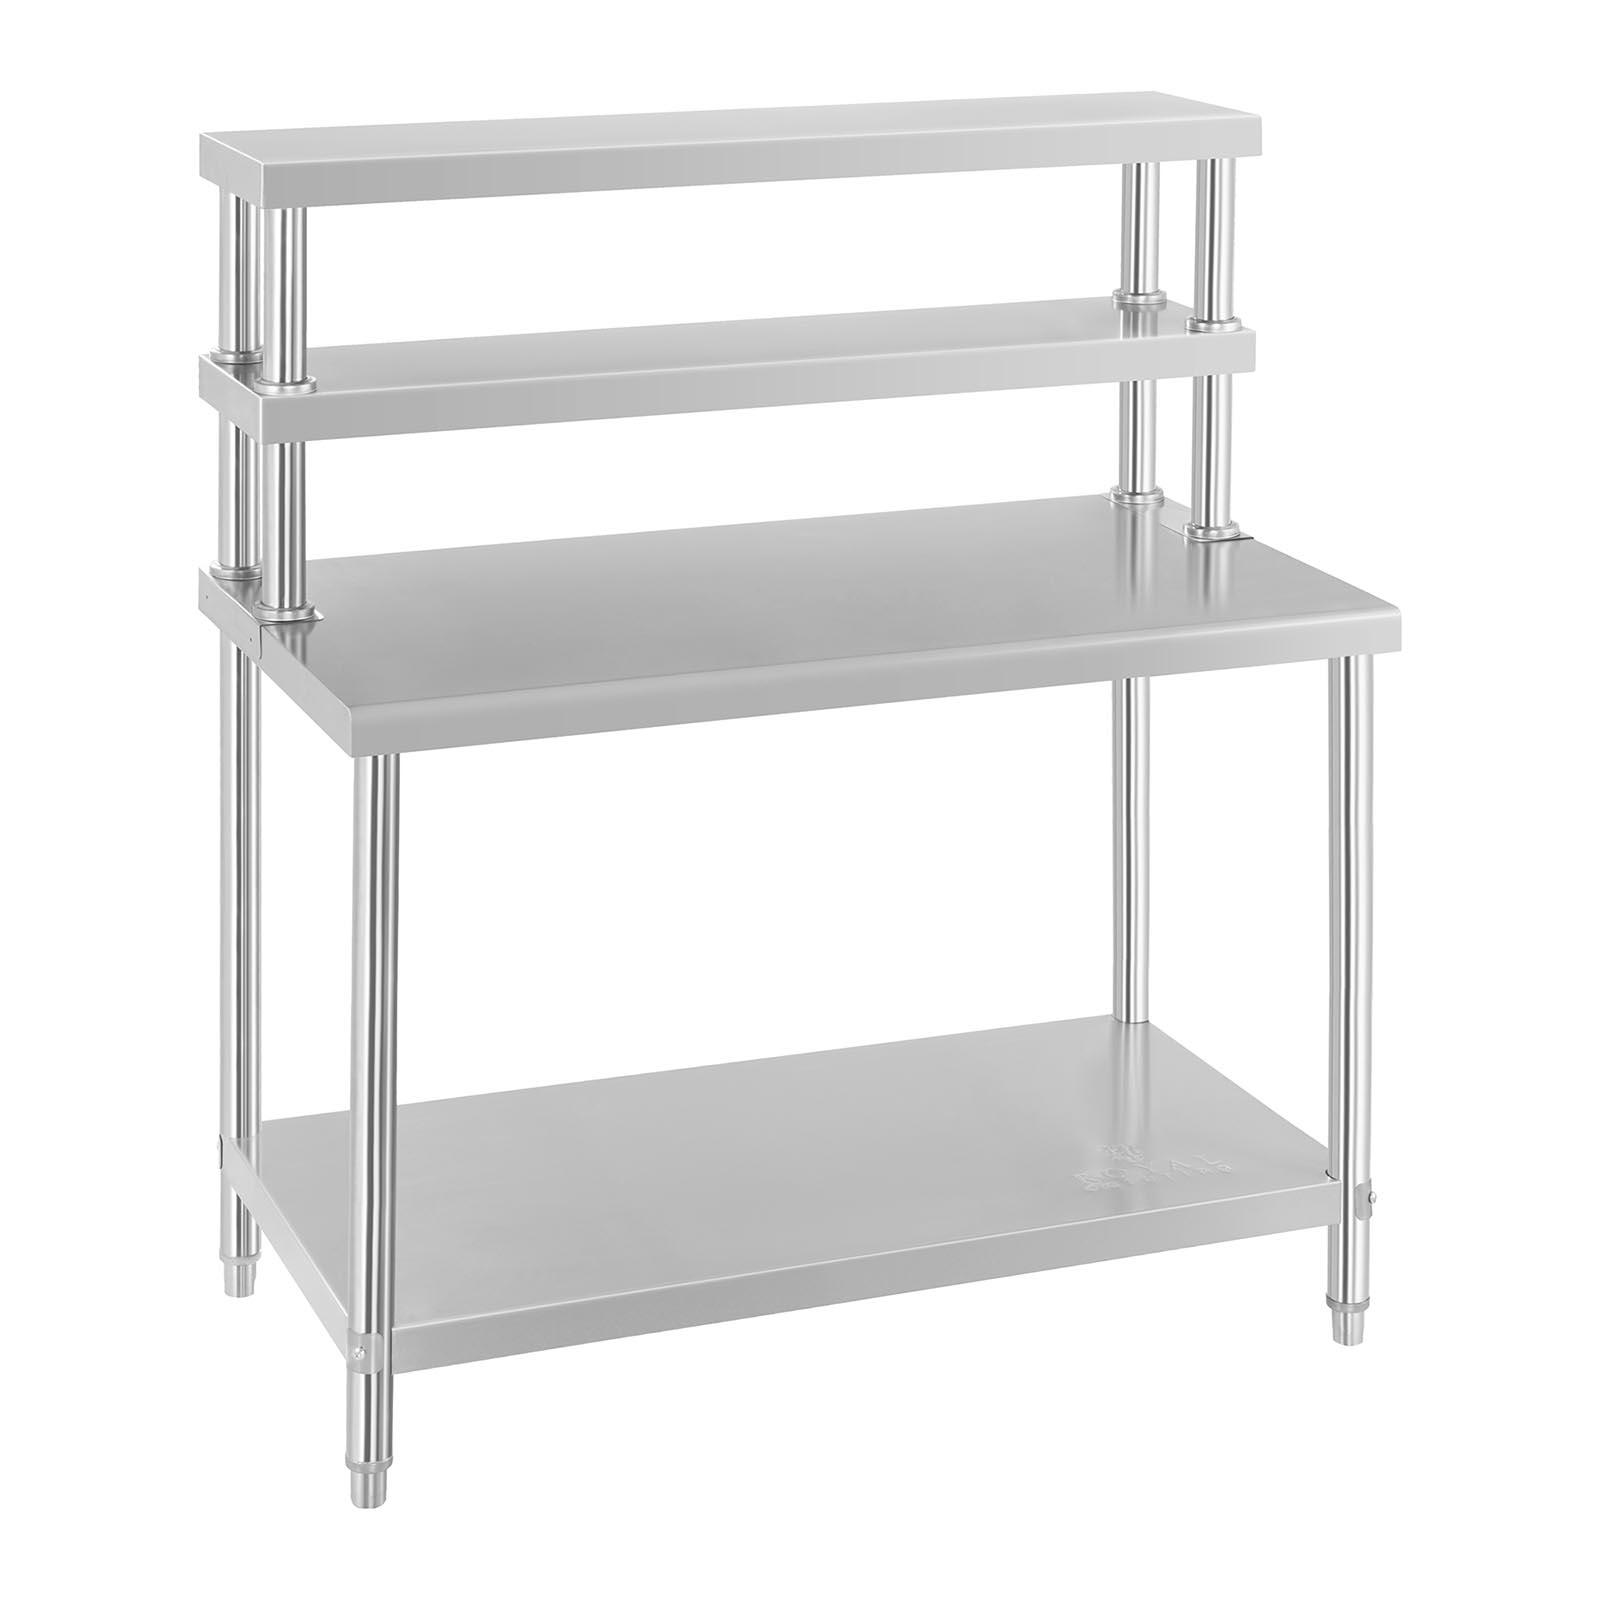 table inox avec etagere appoint plan de travail cuisine 120 cm 4 niveaux 140 kg ebay. Black Bedroom Furniture Sets. Home Design Ideas